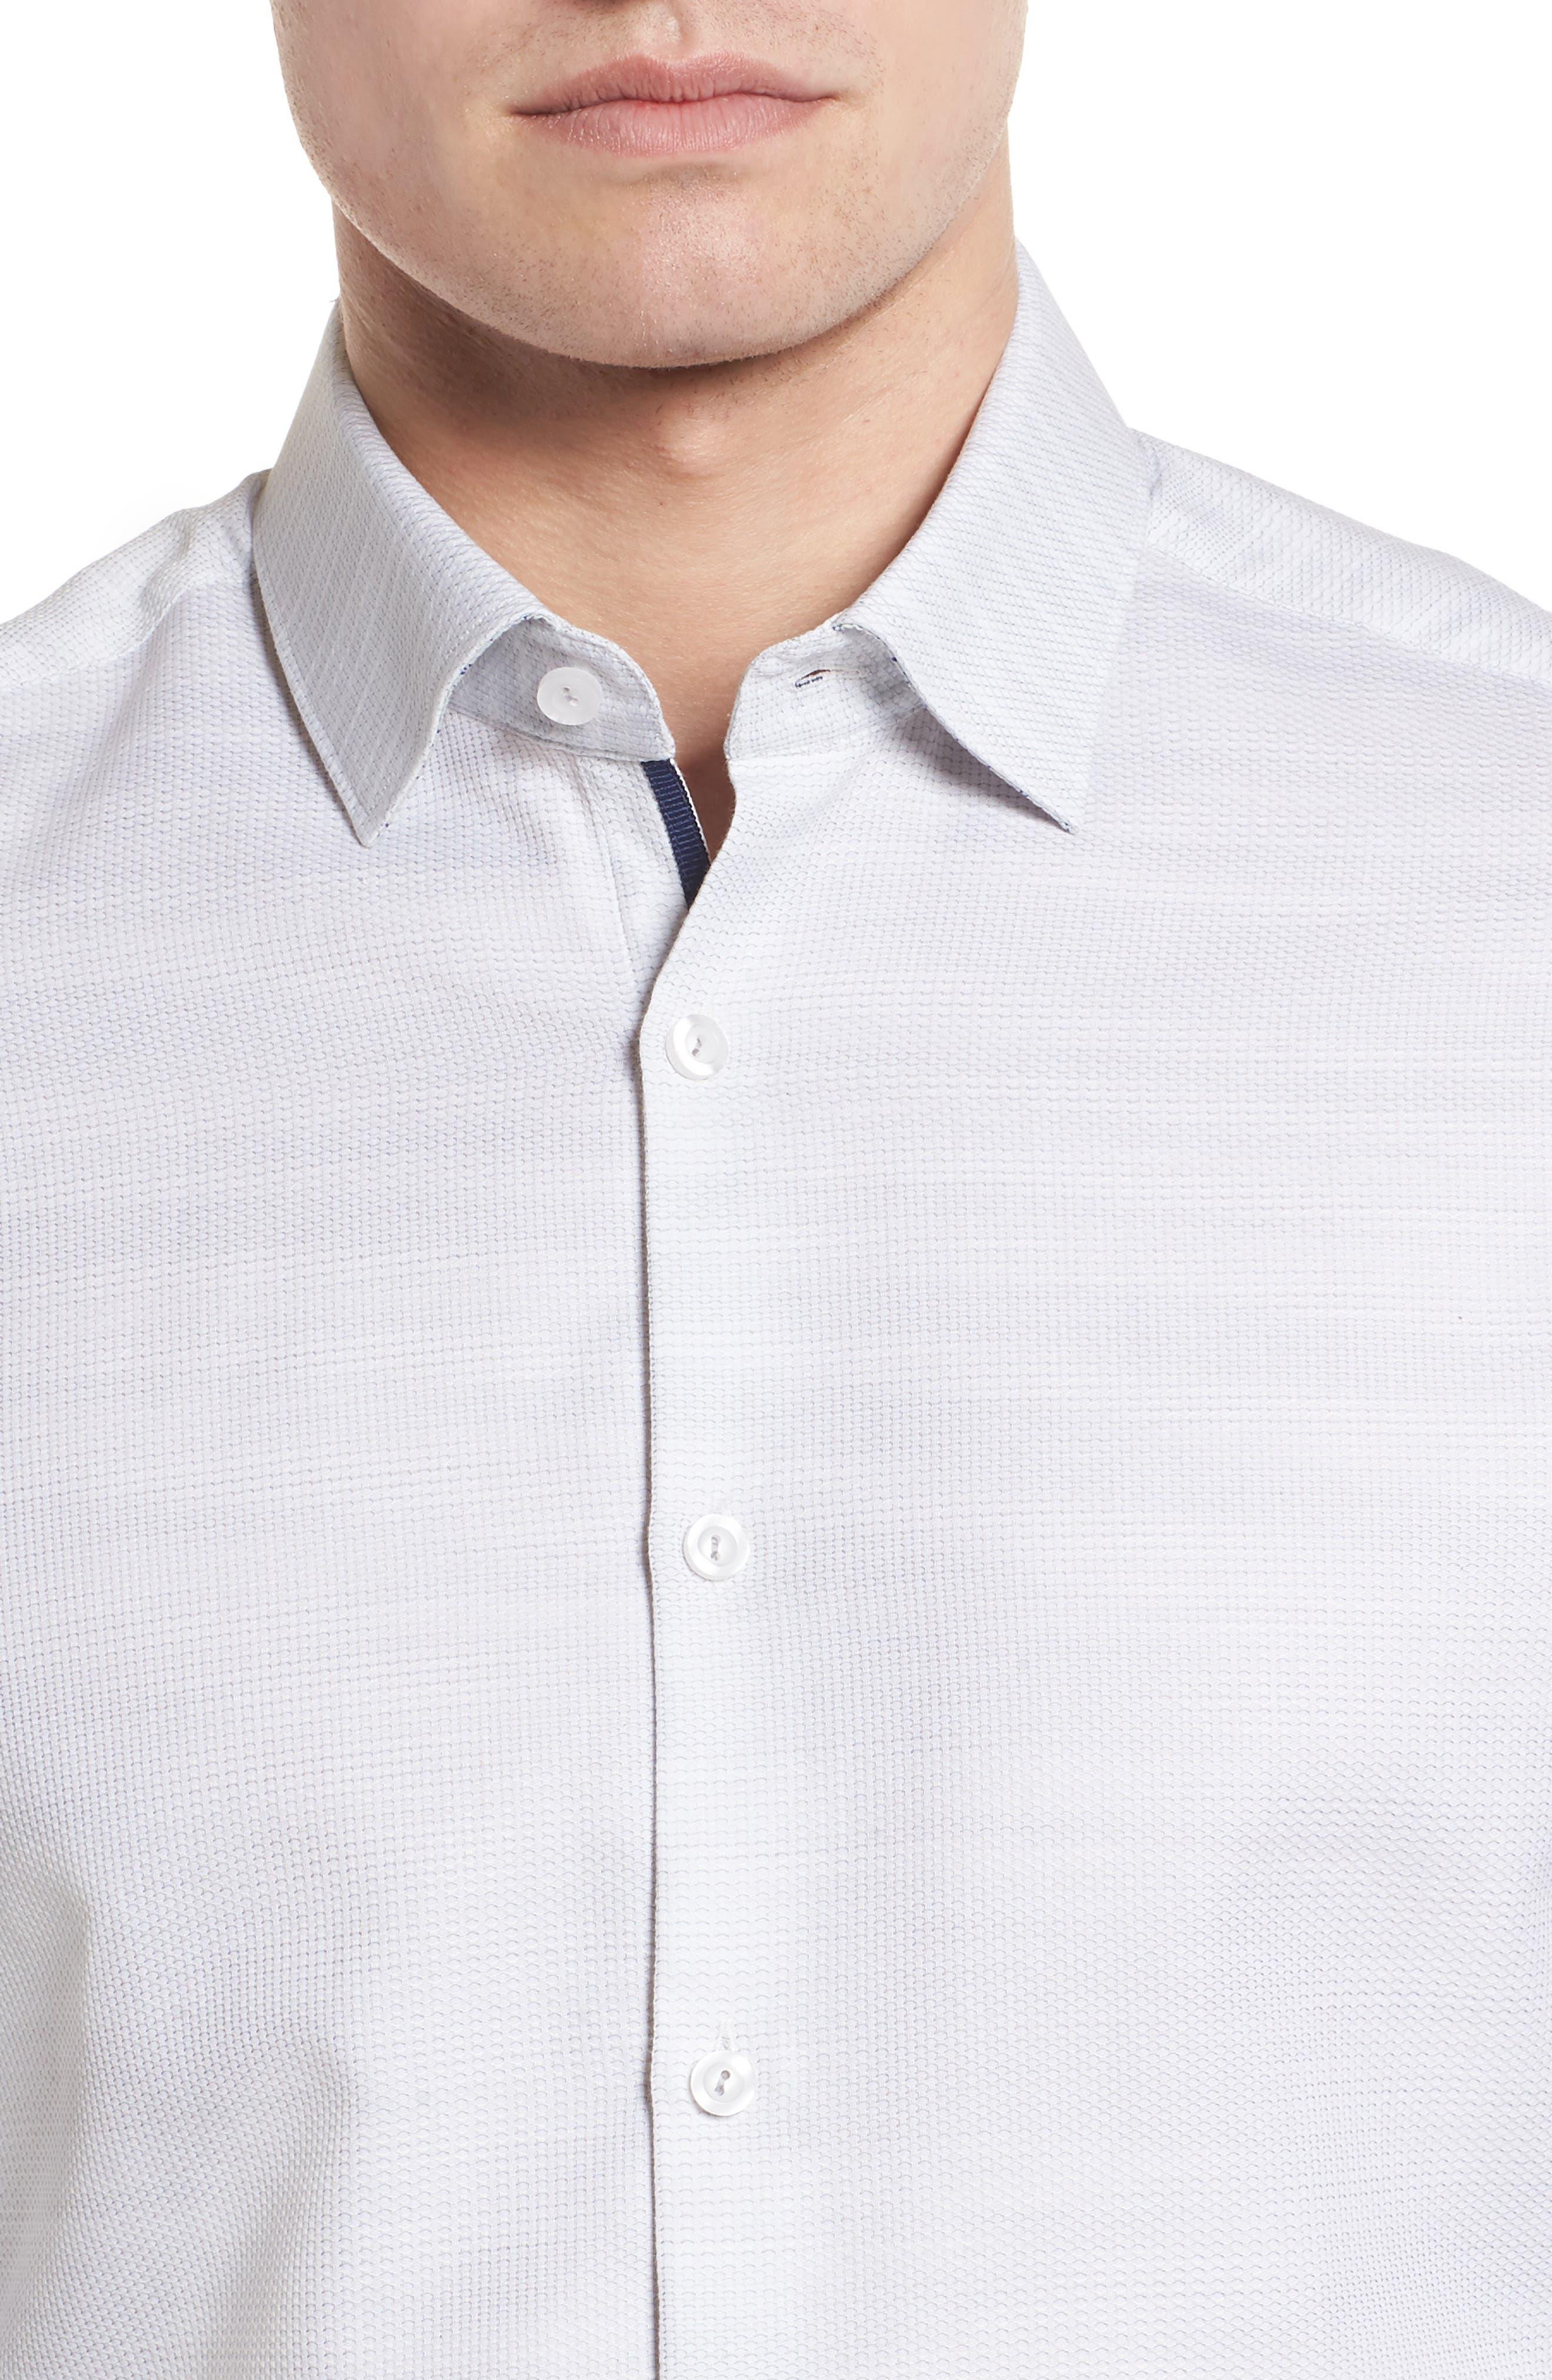 Contemporary Fit Mélange Texture Sport Shirt,                             Alternate thumbnail 4, color,                             Sand